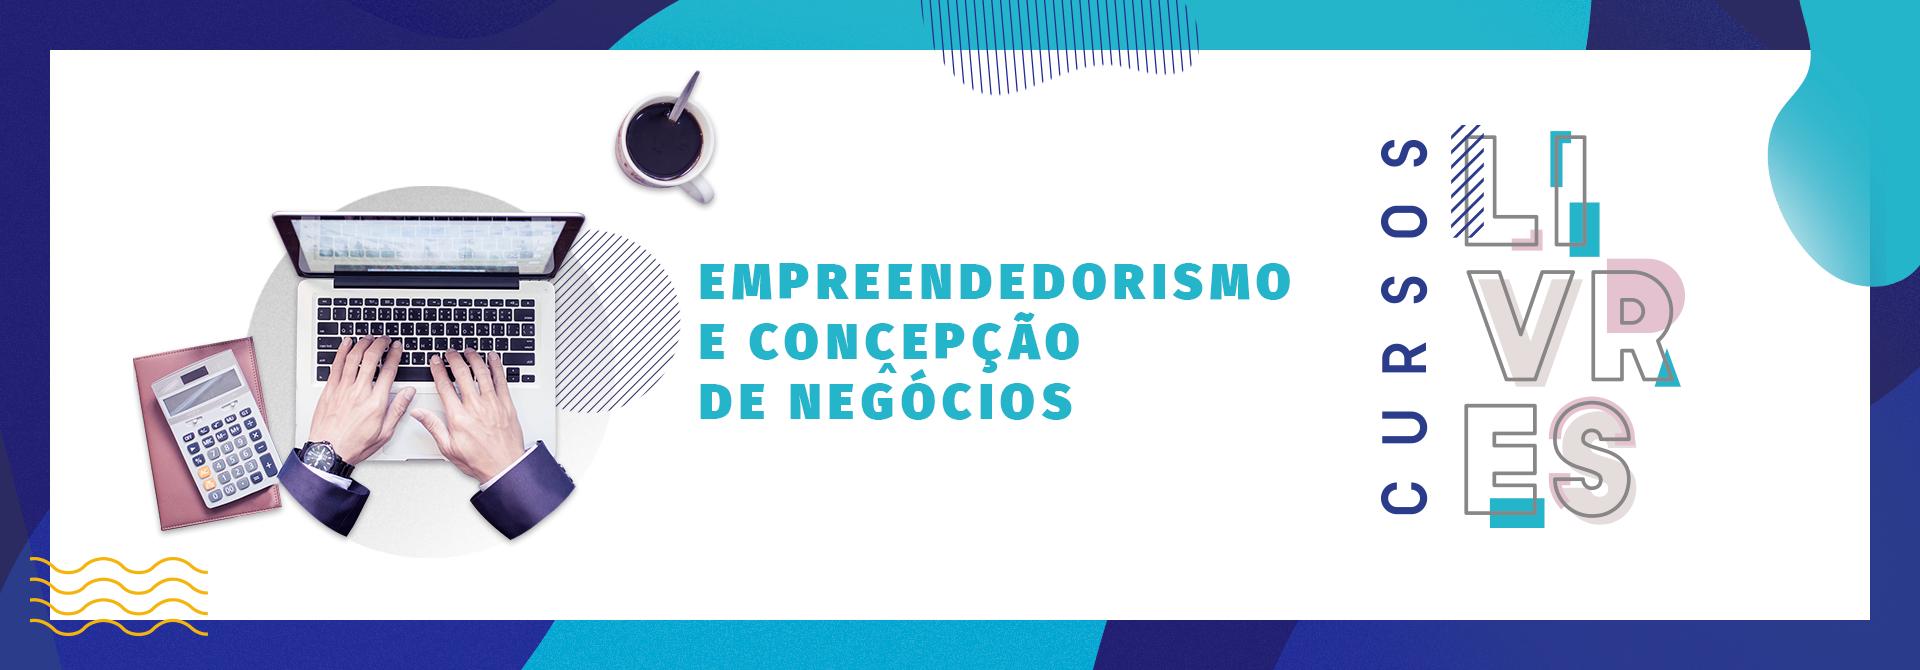 Empreendedorismo e concepção de negócios